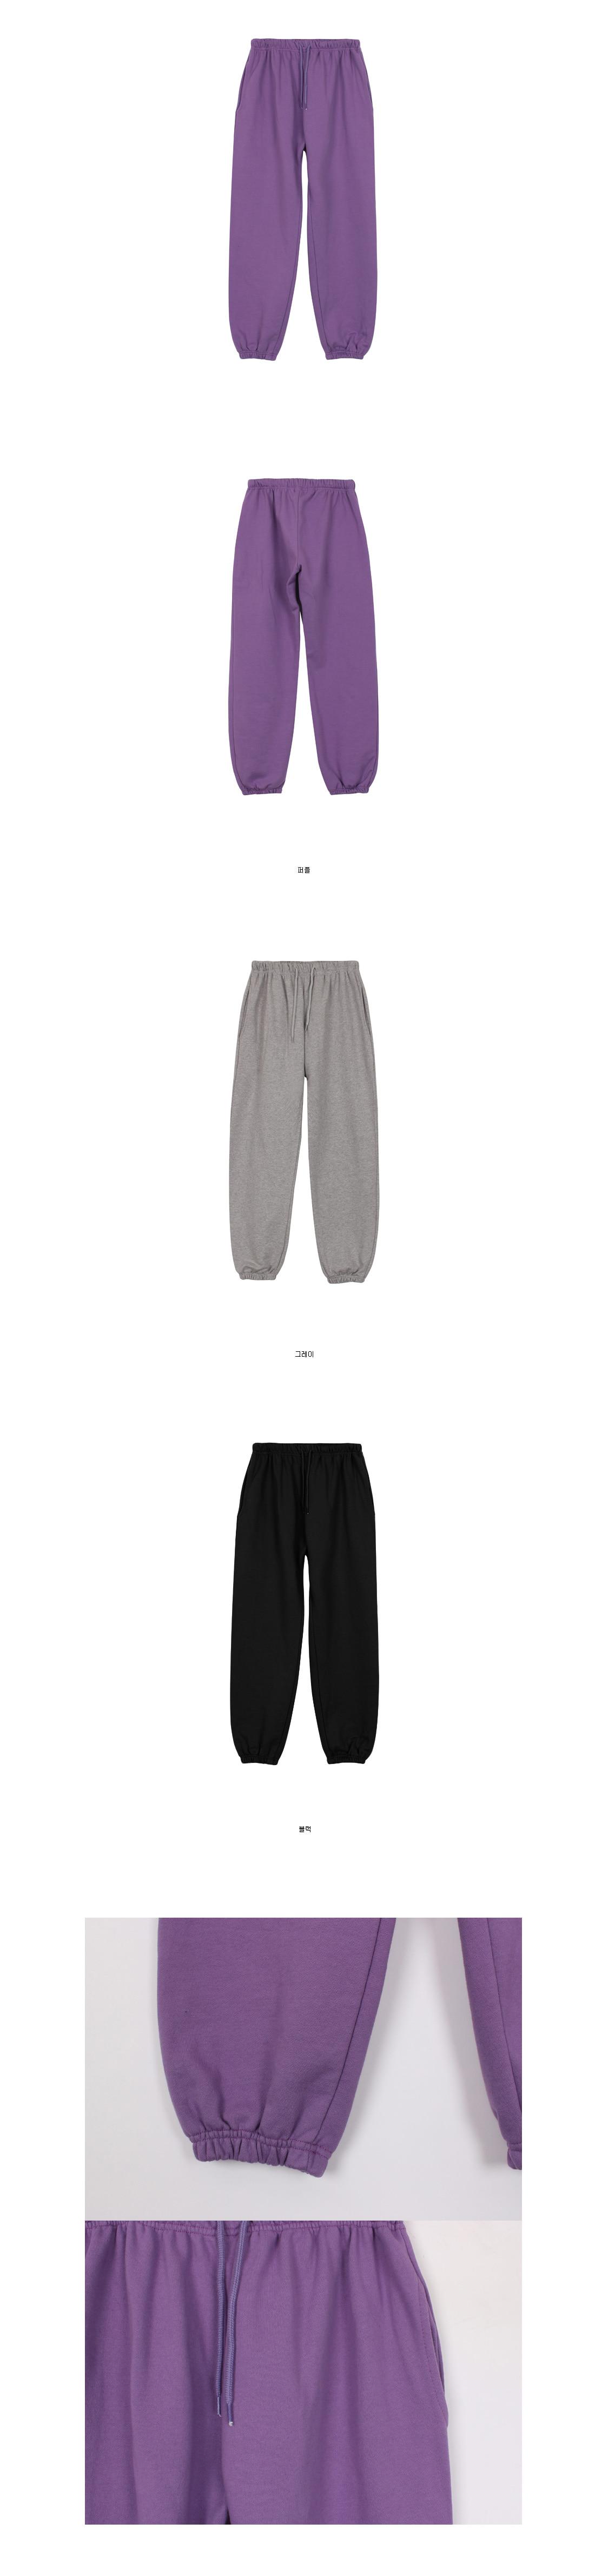 Washing band jogger pants